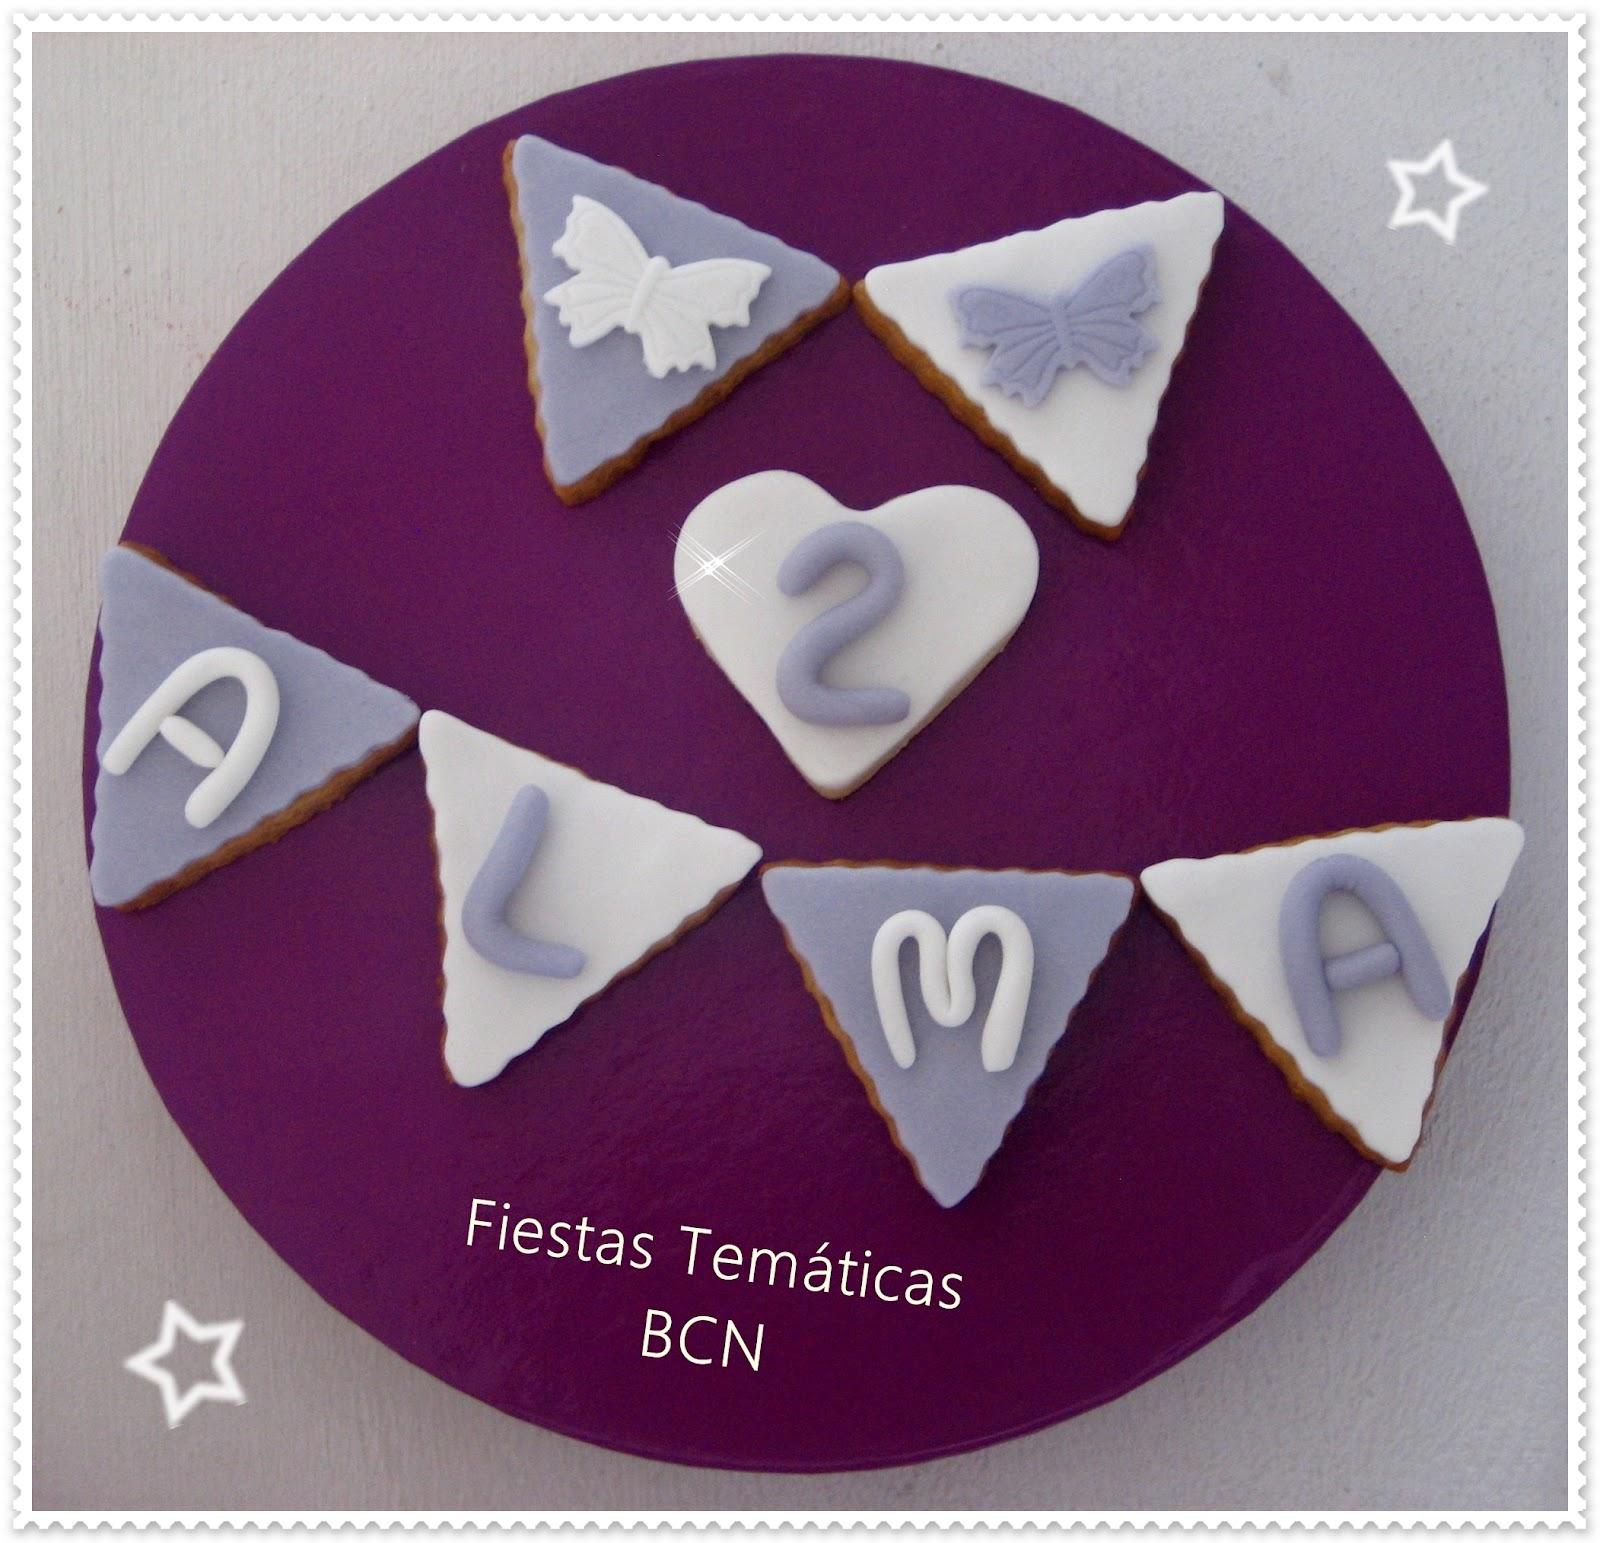 Fiestas tem ticas bcn kits de fiesta imprimibles agosto for Fiestas tematicas bcn